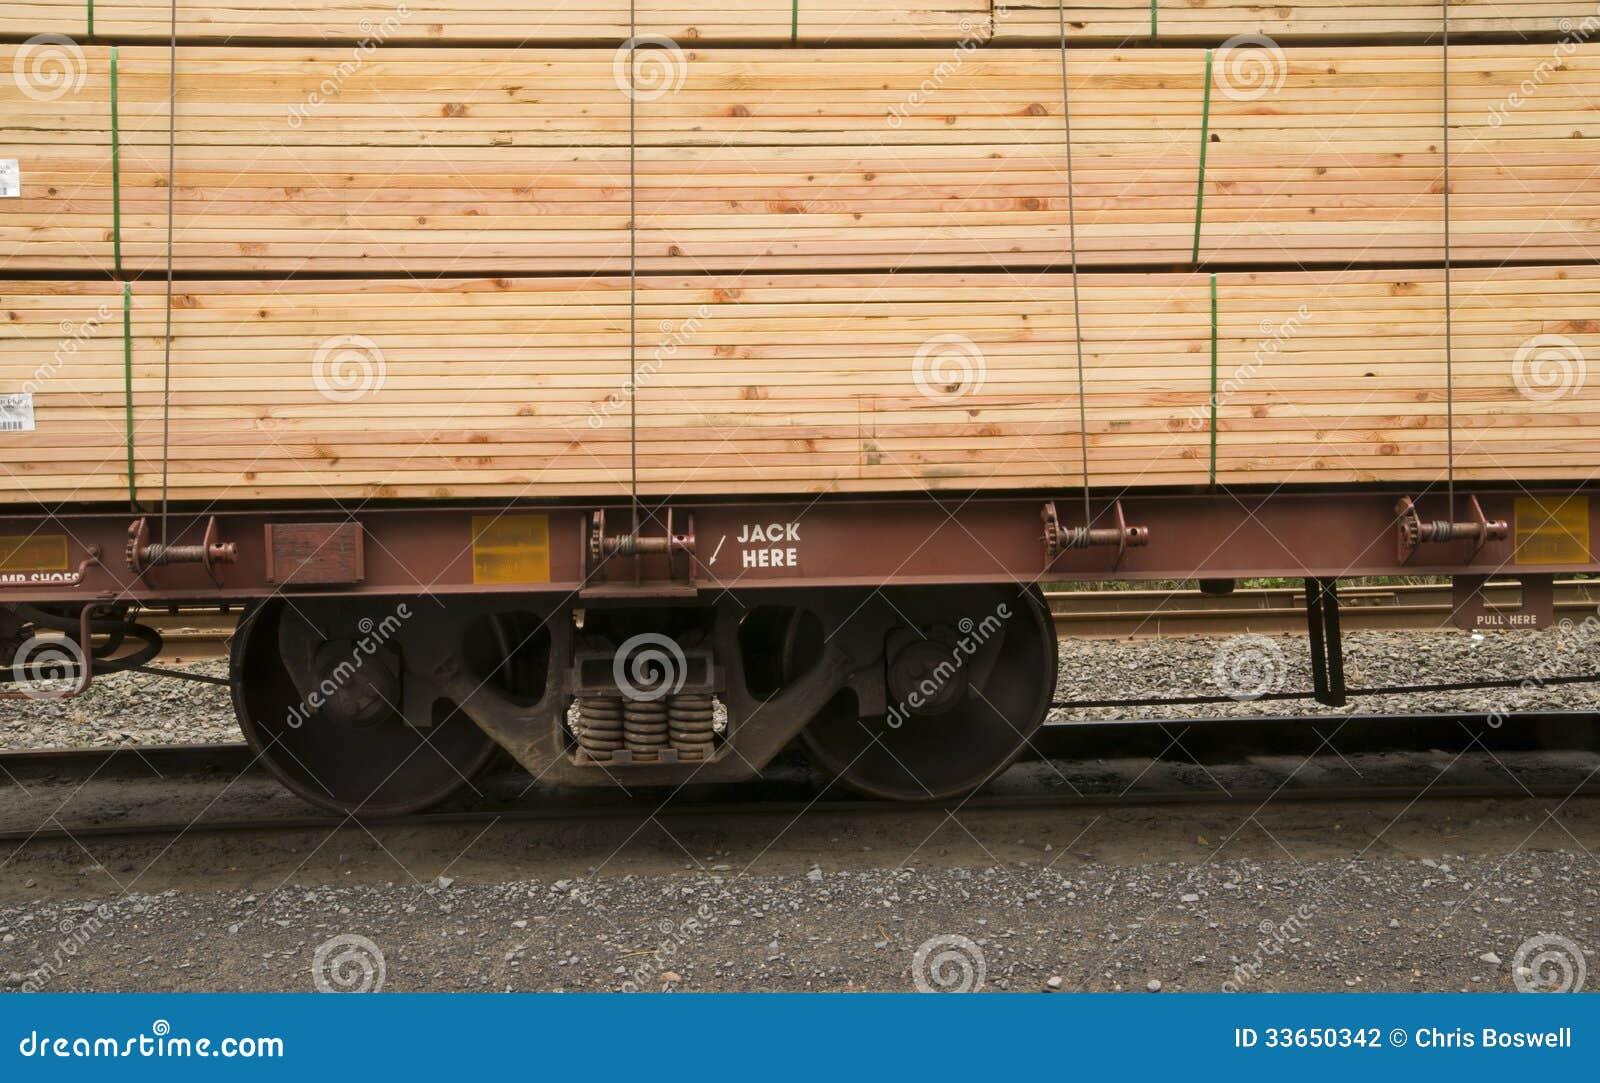 Η ξυλεία φόρτωσε Boxcar μεταφορών αυτοκινήτων σιδηροδρόμου την κατασκευή